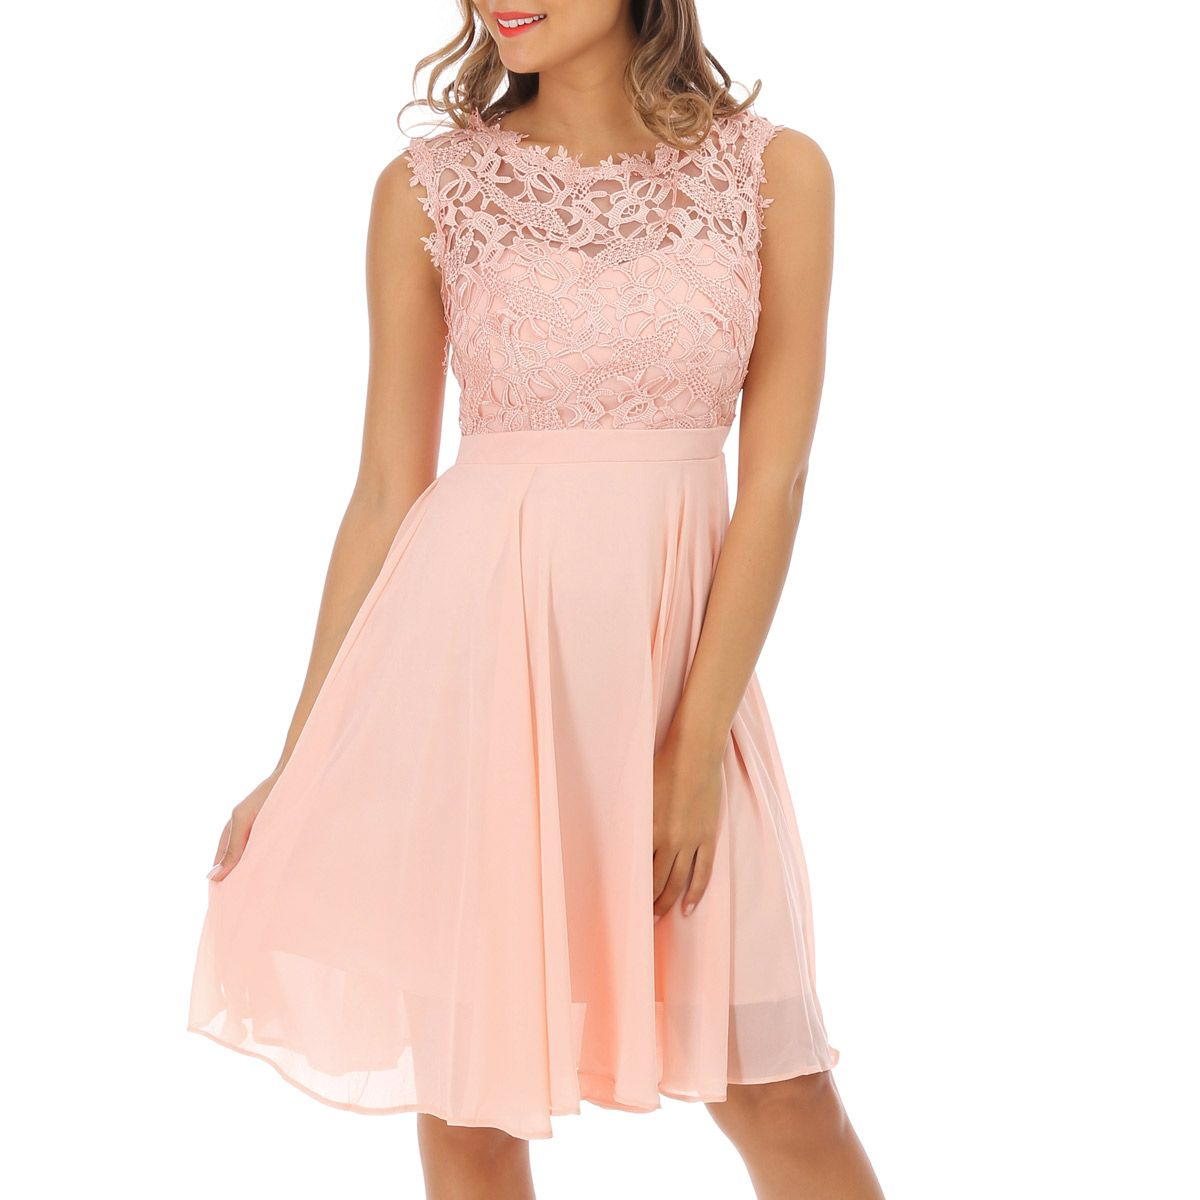 Robe dentelle rose pale